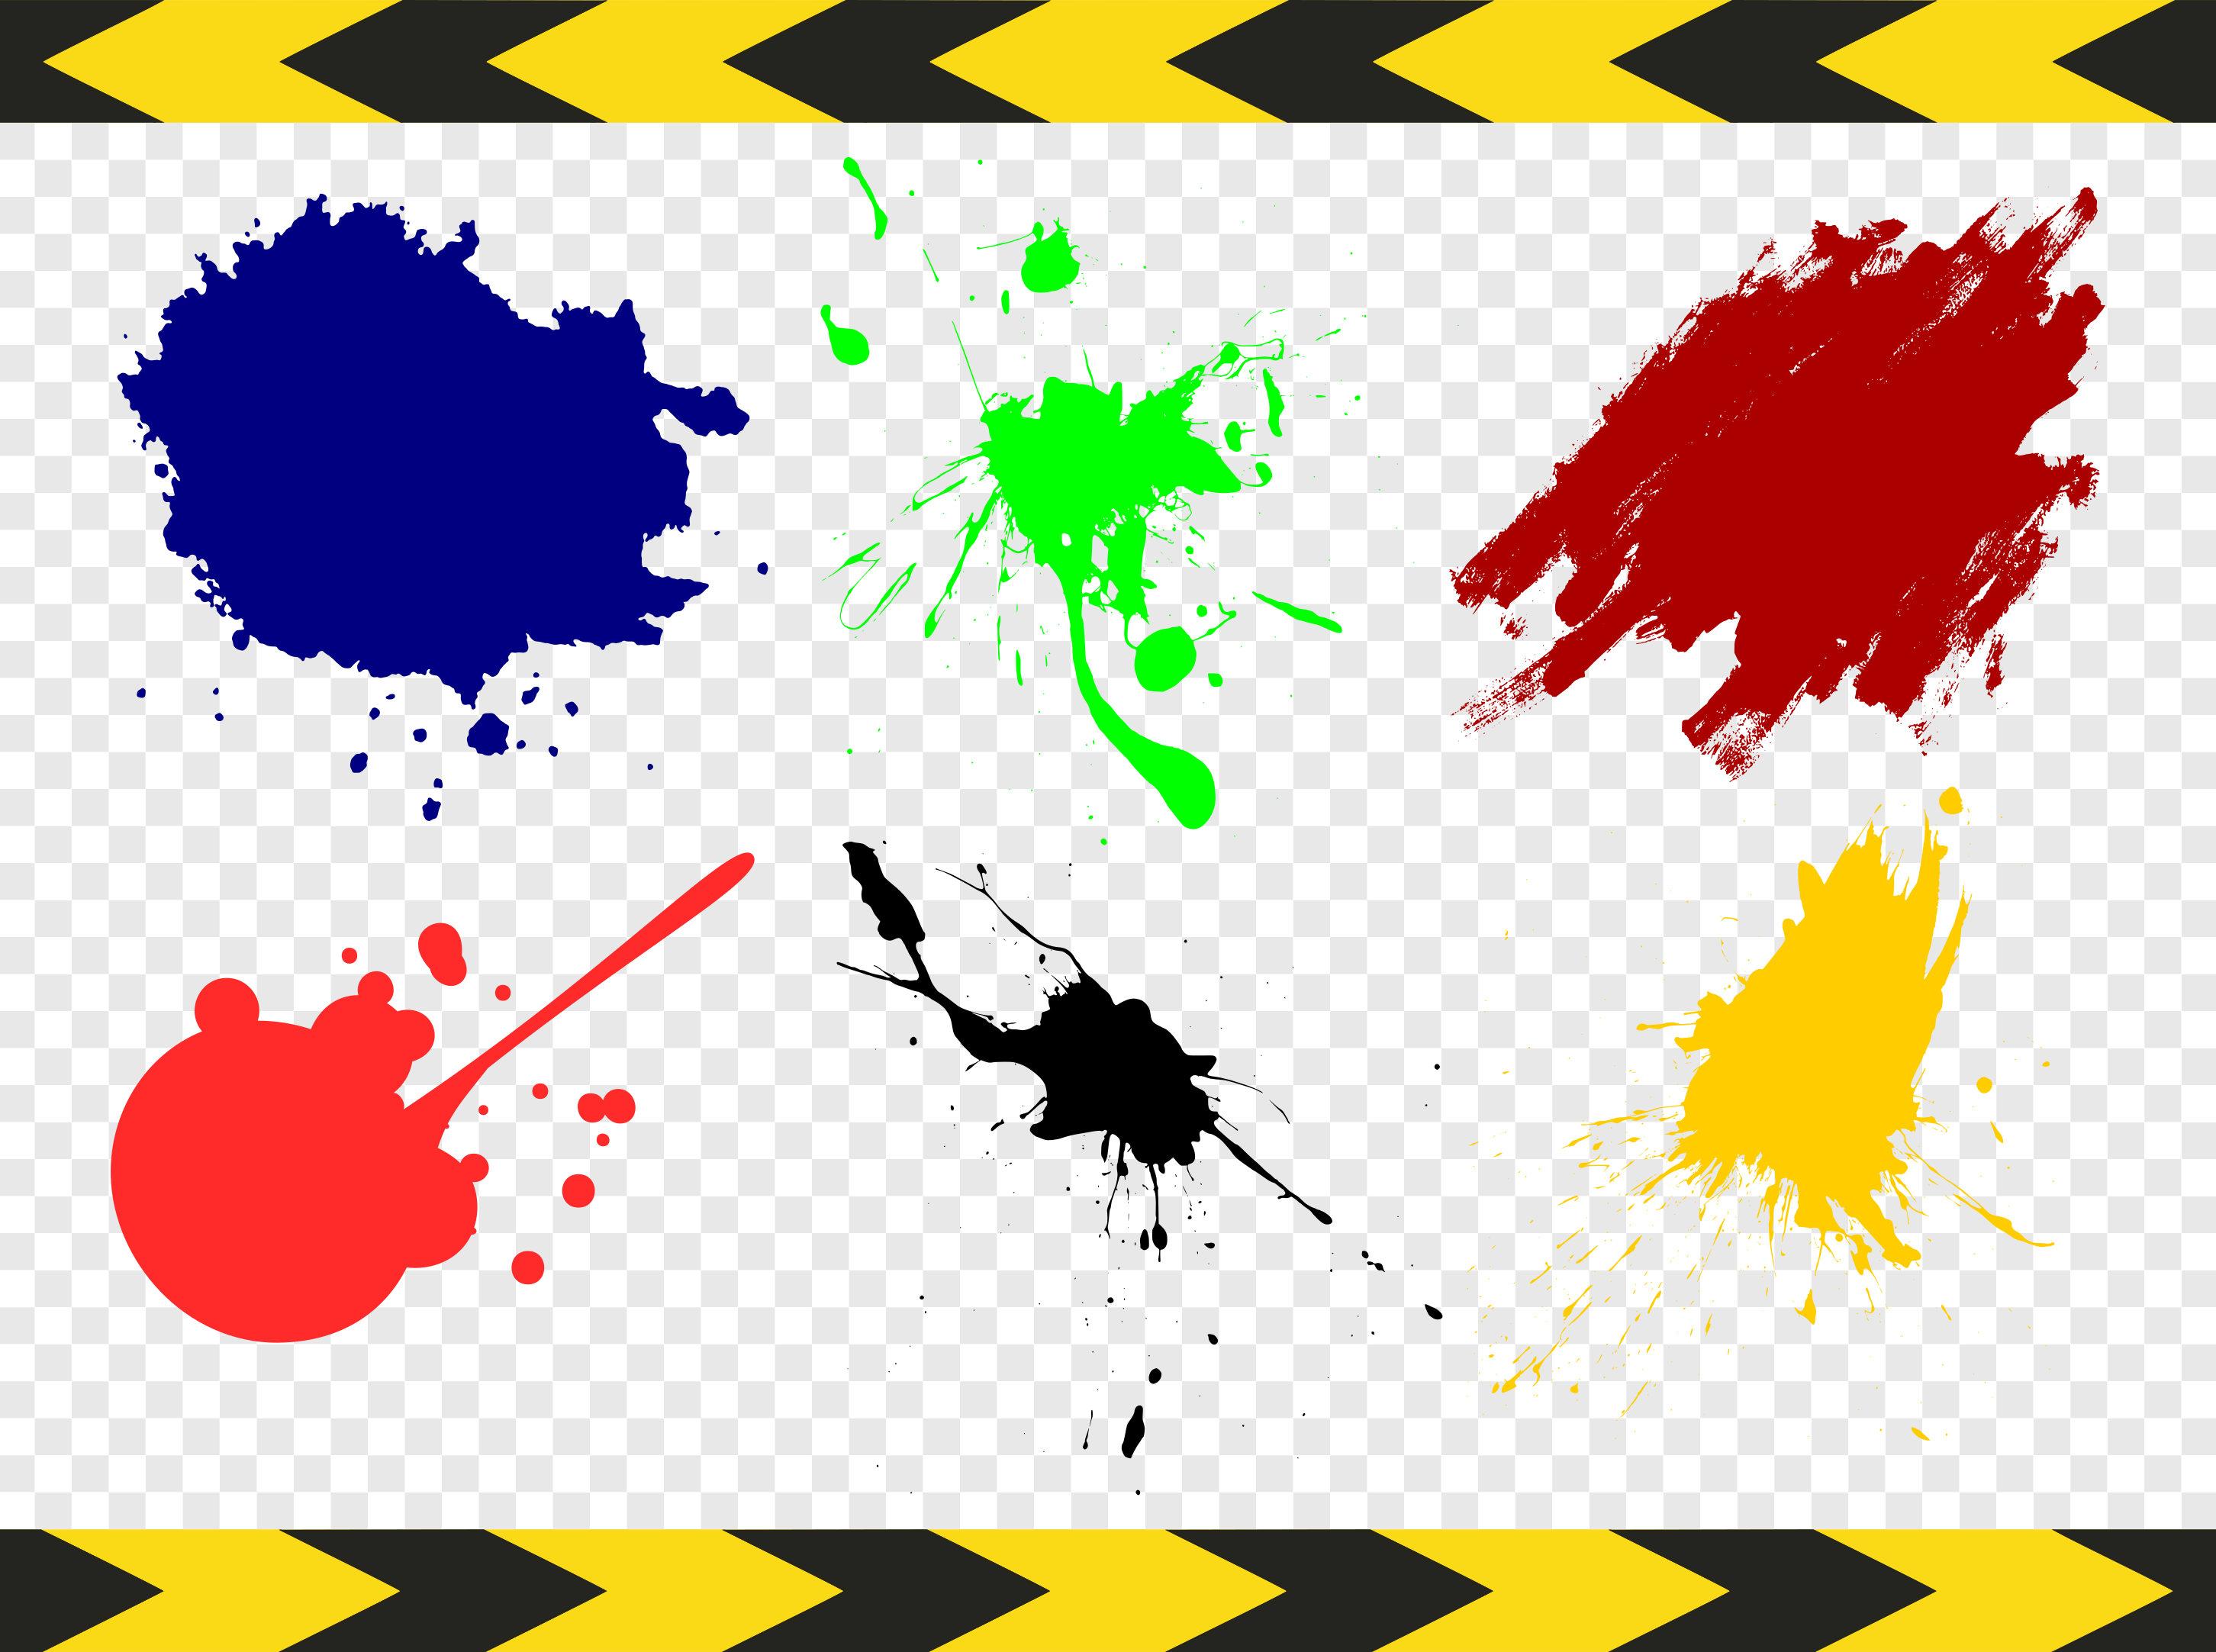 Splatter clipart silhouette Bundle Cricut Paint This Silhouette